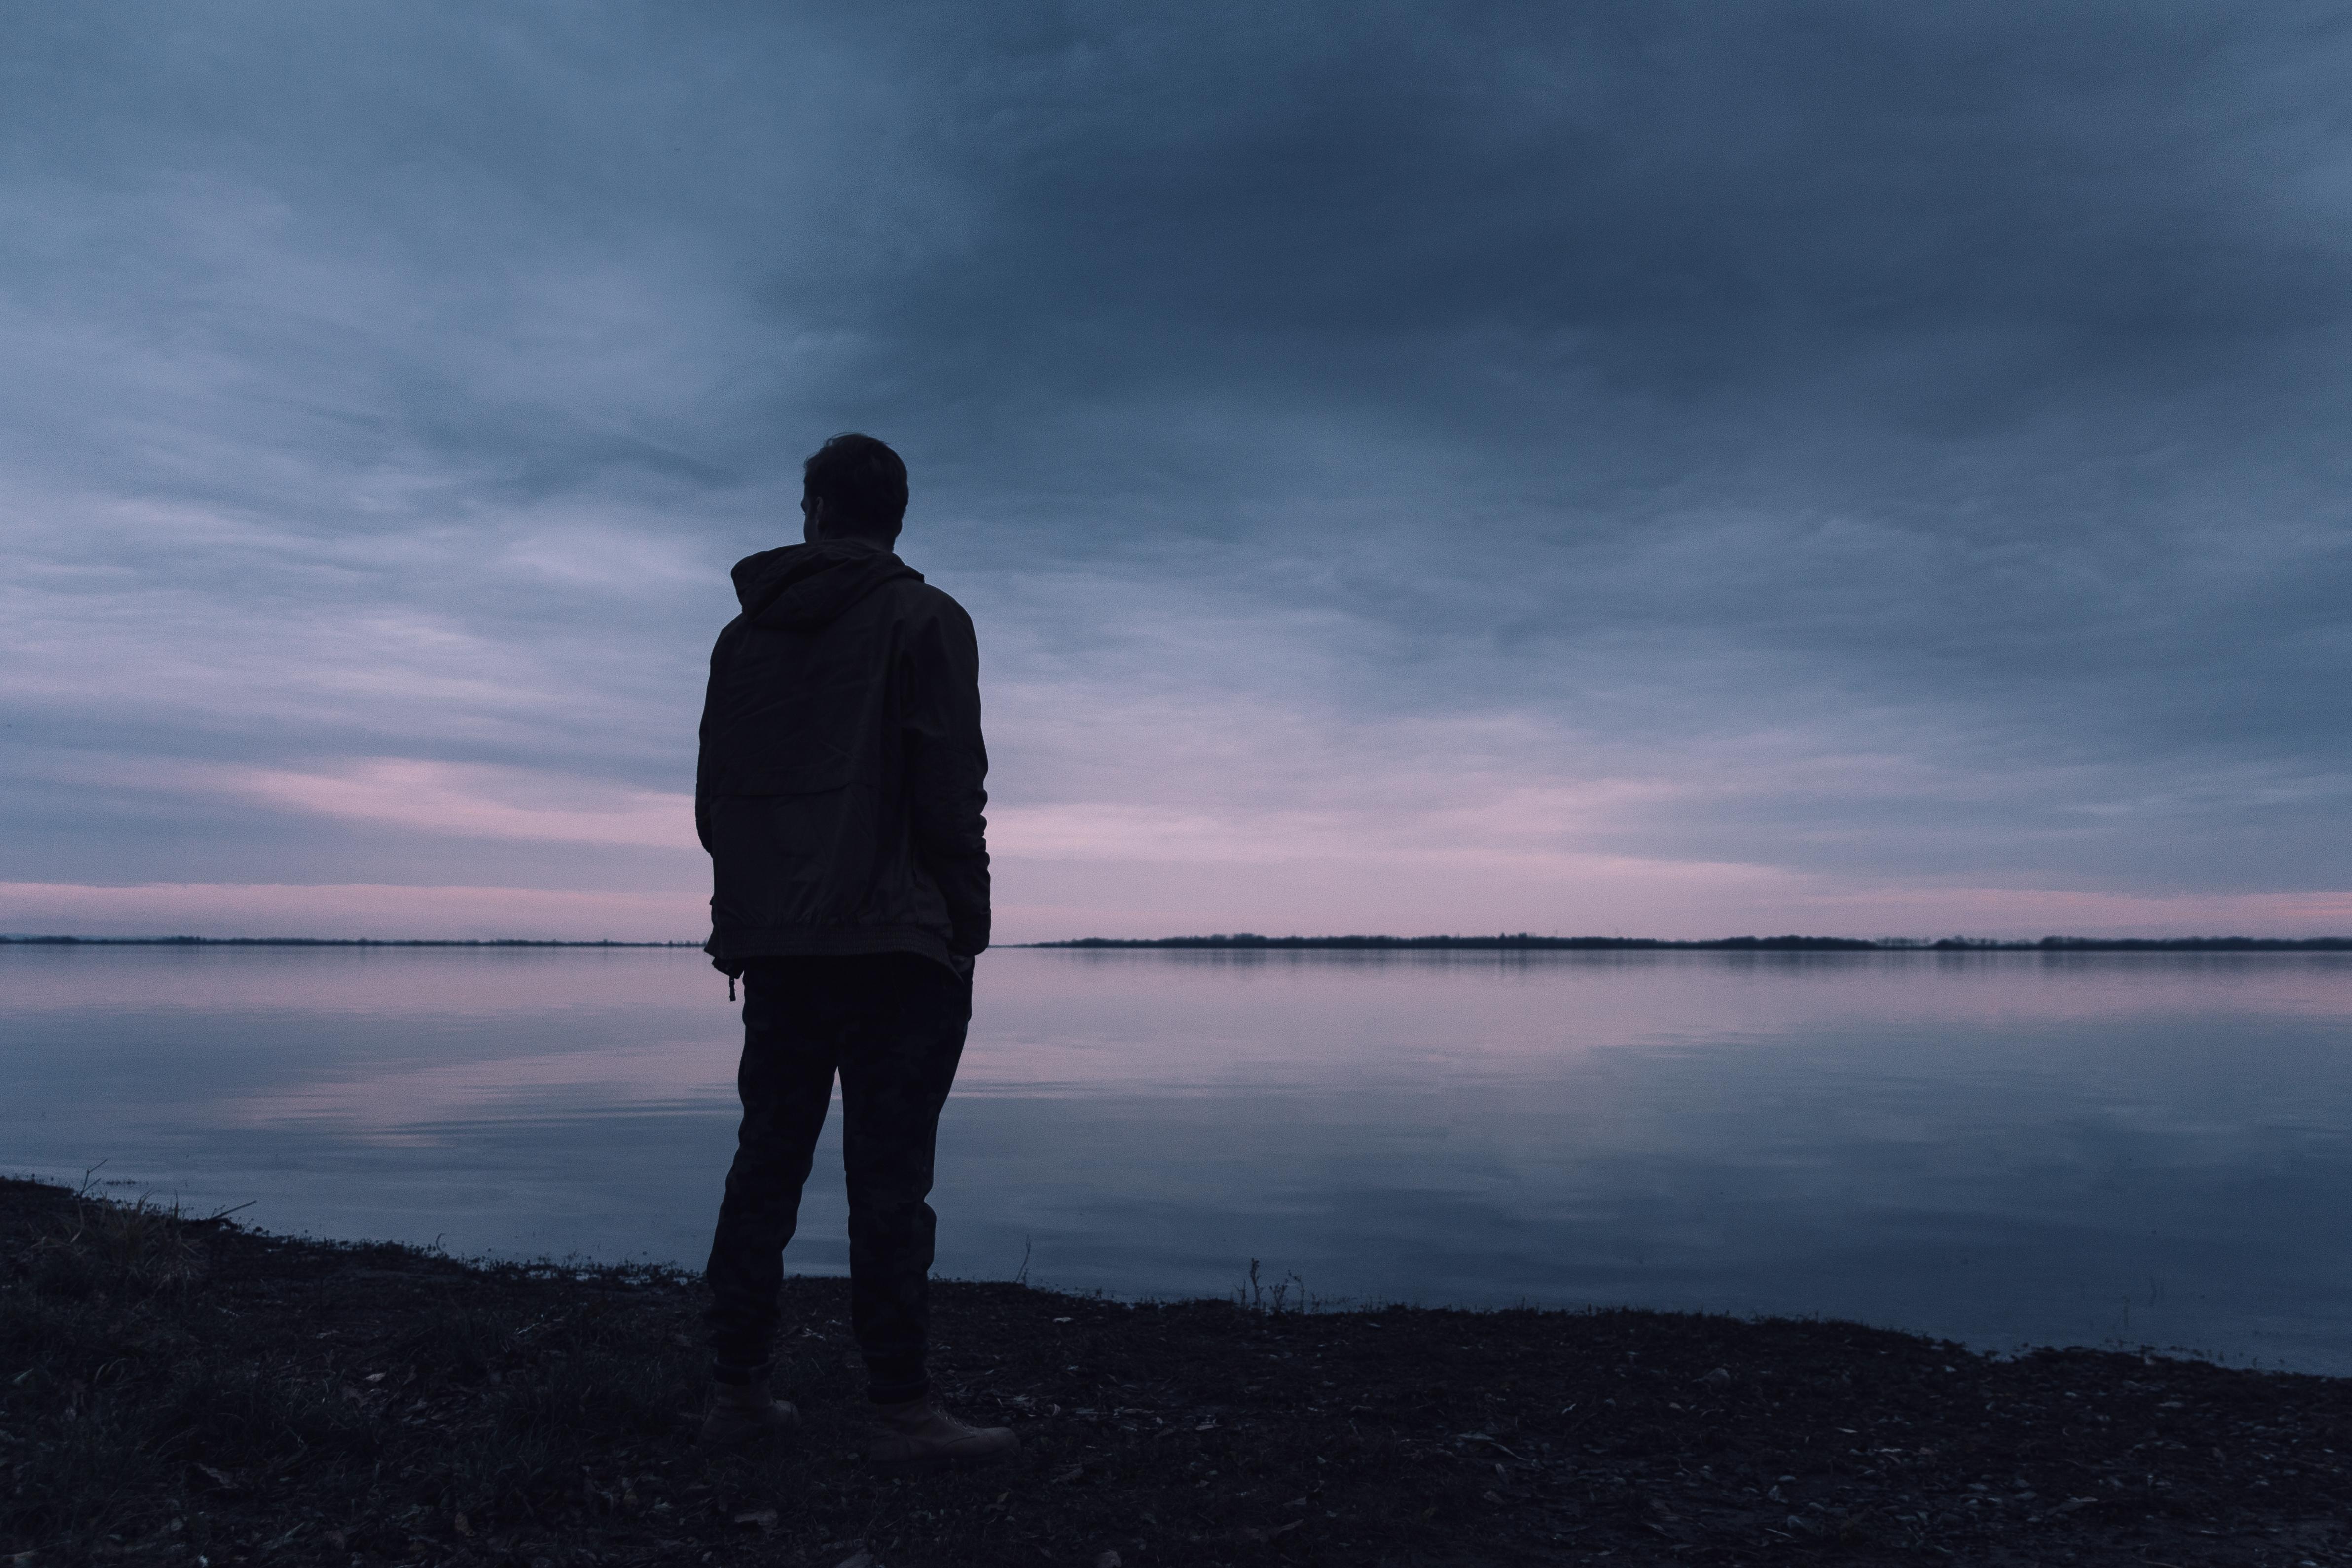 заключается картинки одиночества сердец того, неподалеку